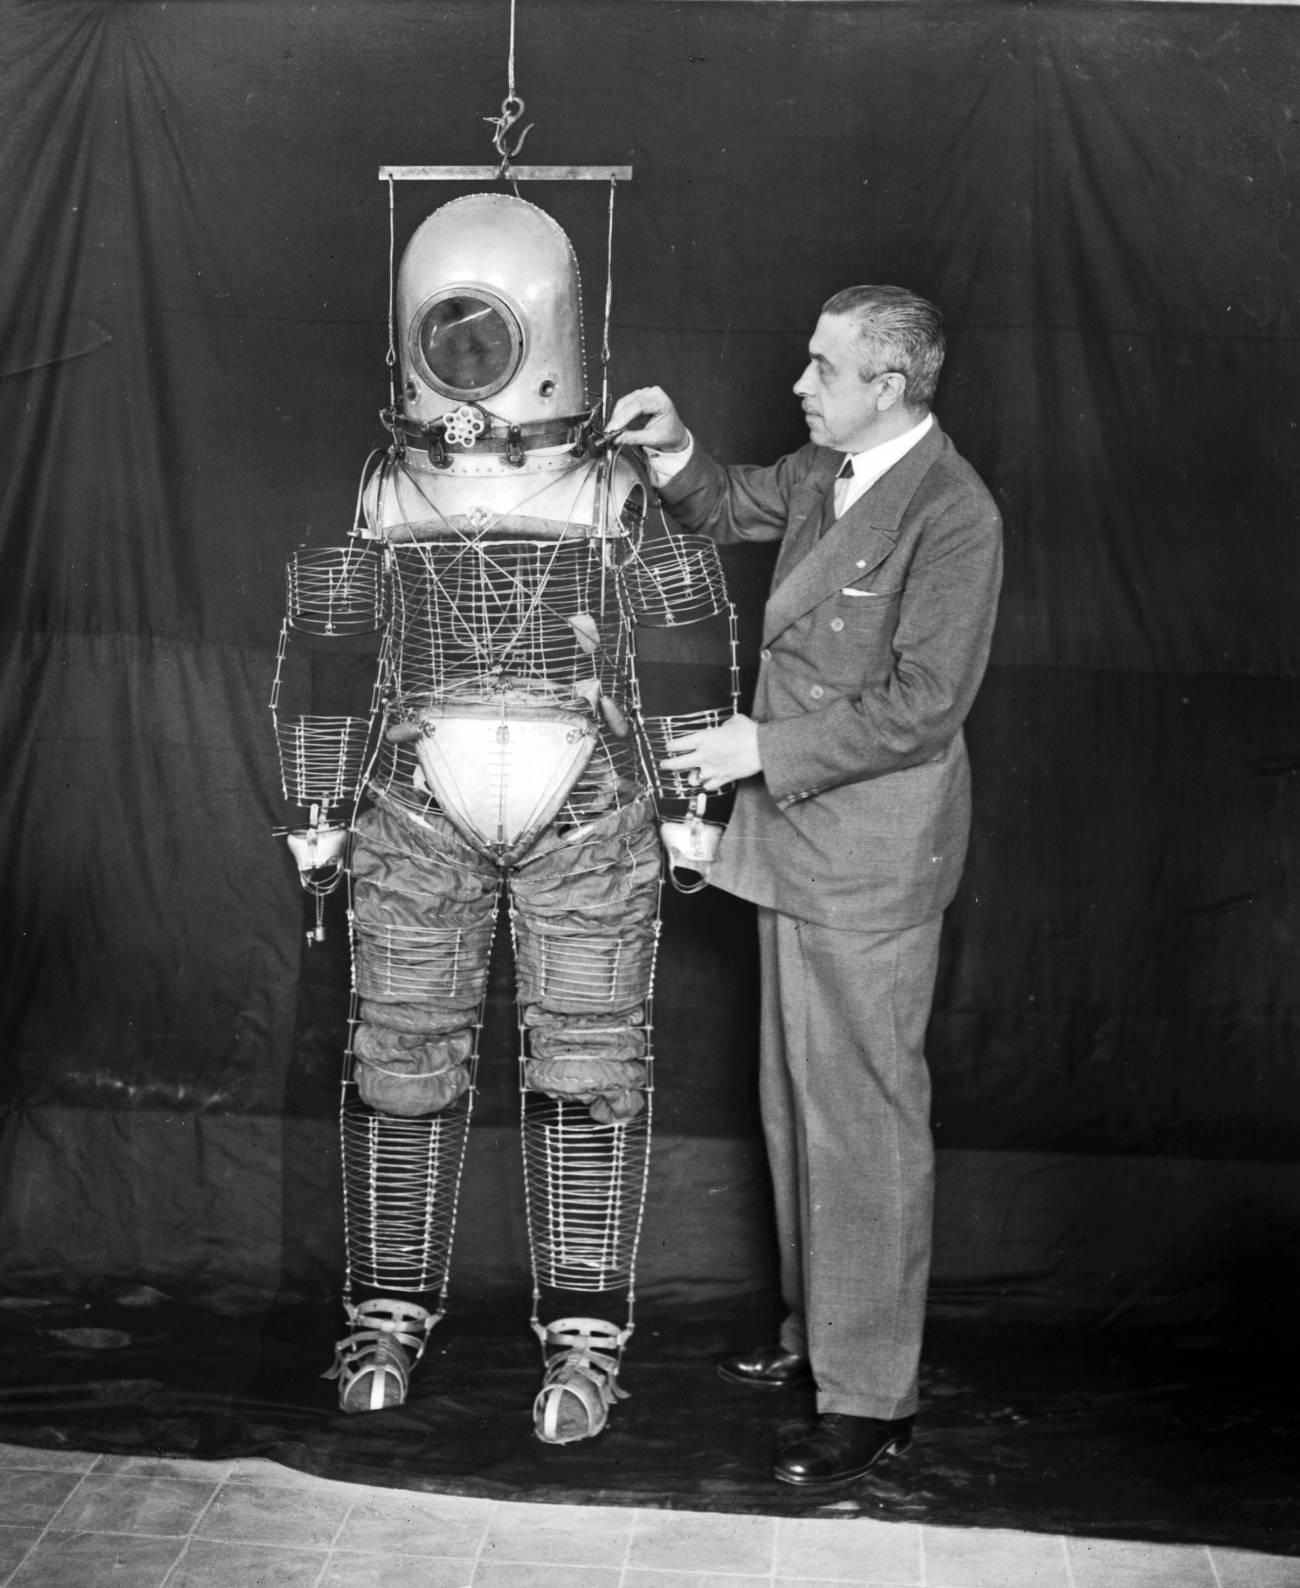 Fotografía tomada en mayo de 1935 en Madrid del ingeniero militar Emilio Herrera con su escafandra. /EFE